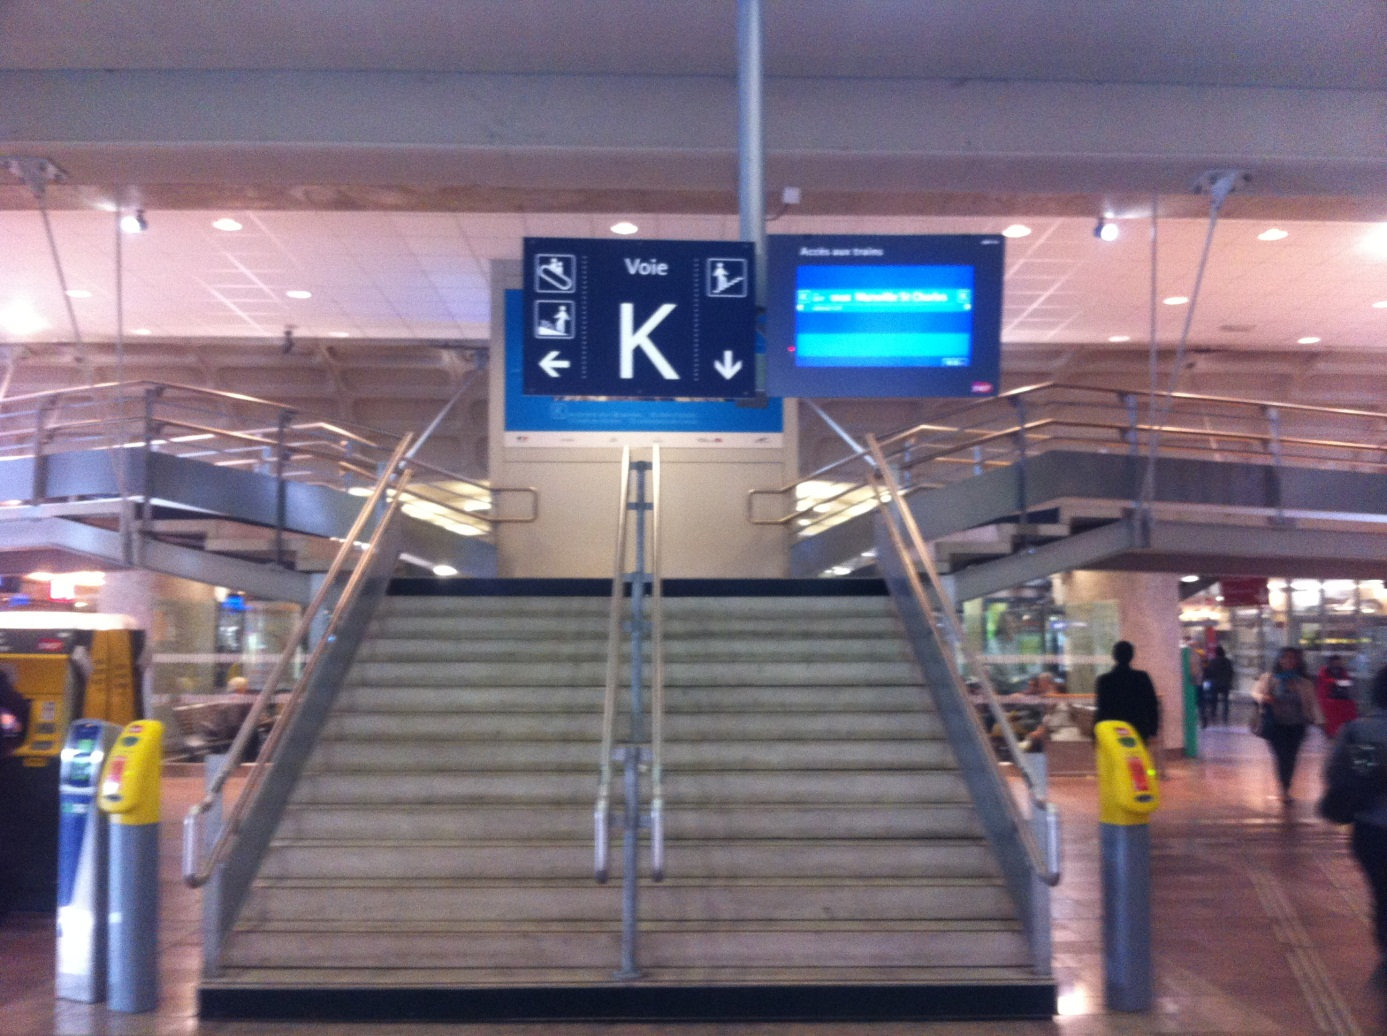 Gare de Lyon Part-Dieu (69) Mise à quai voie K